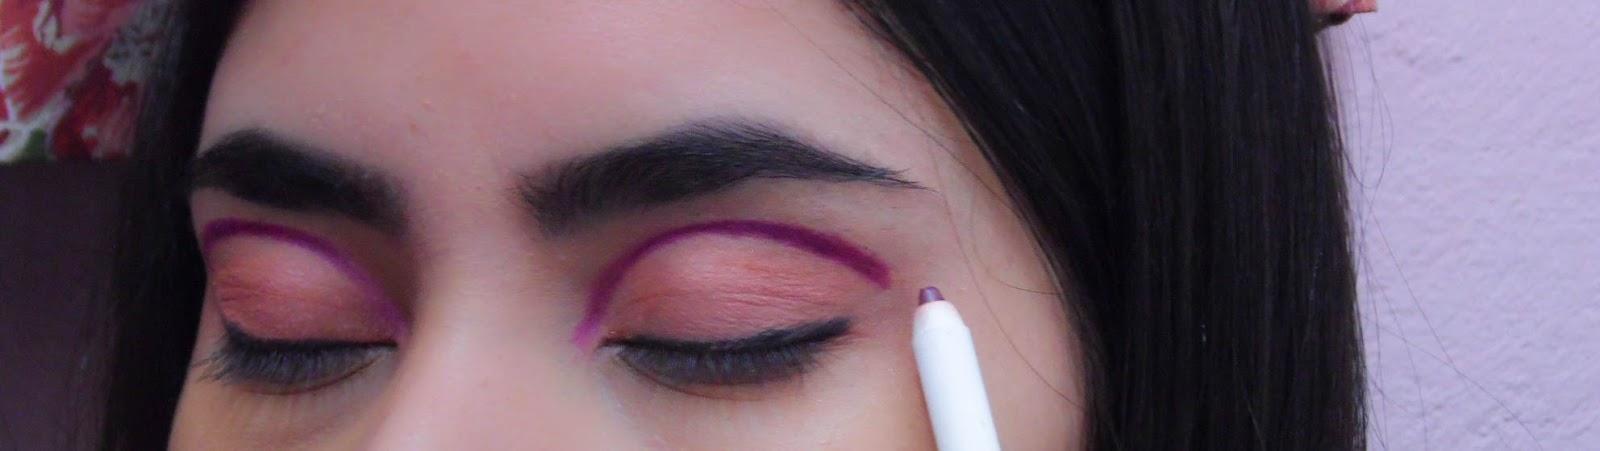 Maquiagem Inspiração modelo Twiggy